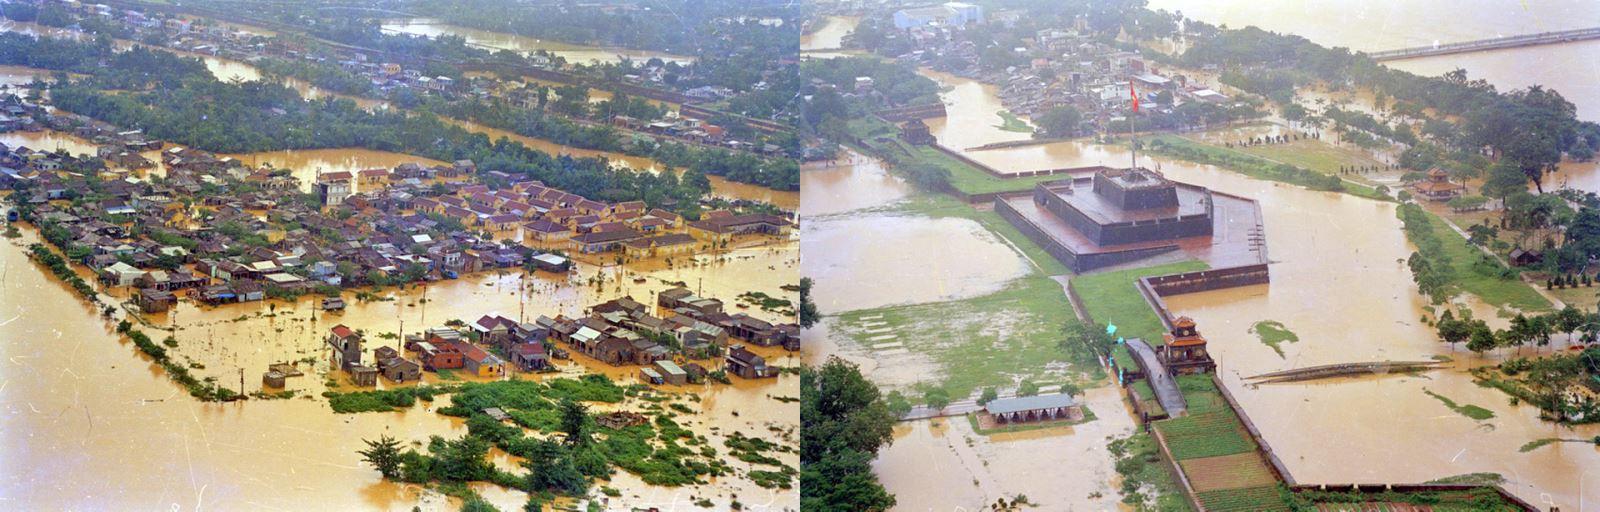 Ngập lụt ở Huế sáng ngày 5/11/1999.